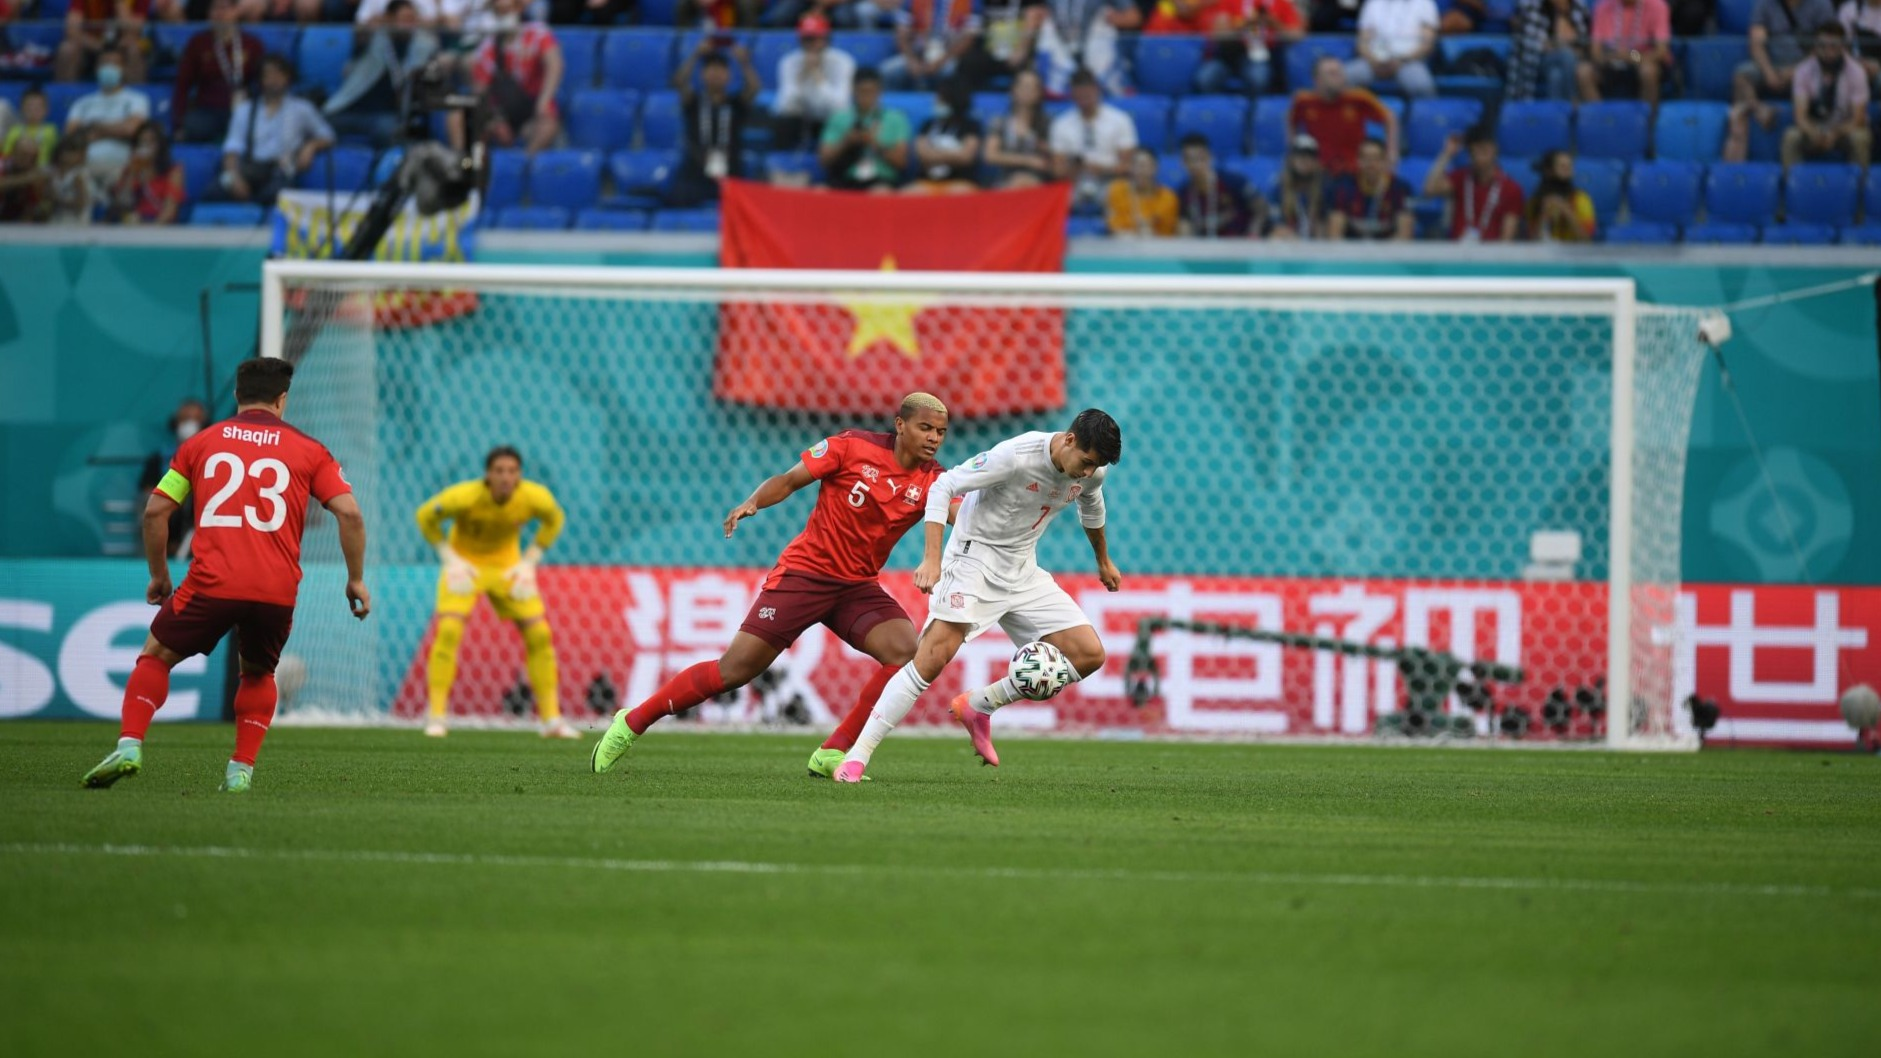 西班牙、意大利挺進歐洲杯四強 將上演強強對話